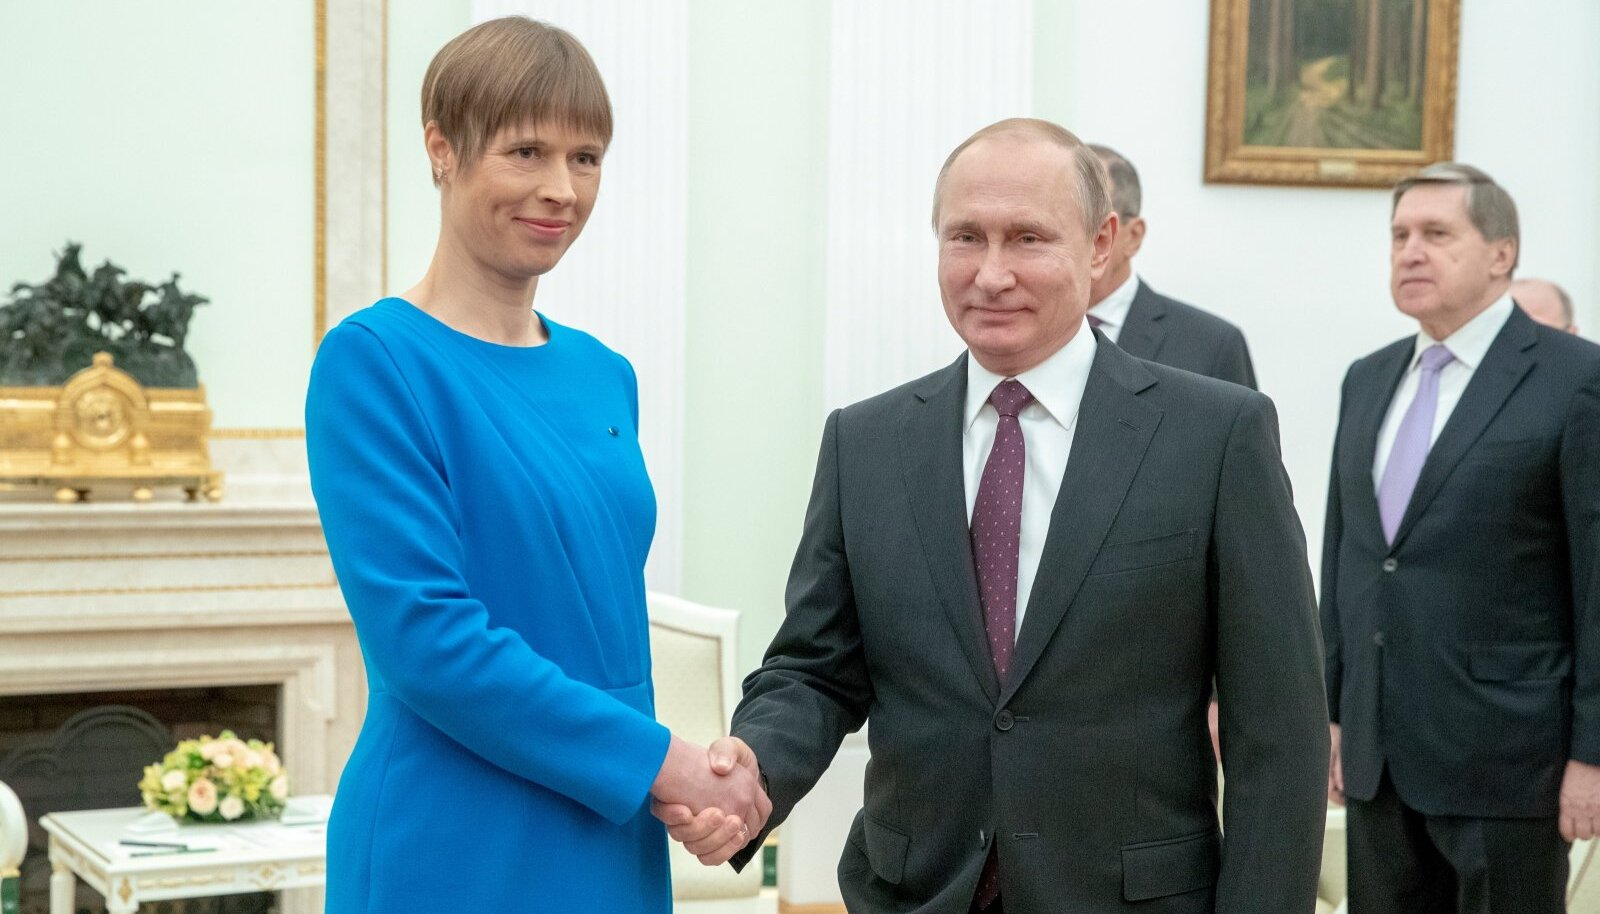 """""""Paljudele tundub ka praegune artikkel Putini hoiatusena: kui te ei taha teha nagu Putin, siis ta teeb seda ikka, nagu ise tahab. Mida ta teeb ja kas ta võtab mingeid dramaatilisi samme ette, me ei tea. Kuid ei saa välistada võimalust, et ta alustab uuesti sõjategevust Ukrainas või võtab midagi ette Norrale kuuluval Spitzbergeni saarel või Gotlandil või Narvas,"""" sõnas von Eggert Eesti Päevalehele."""